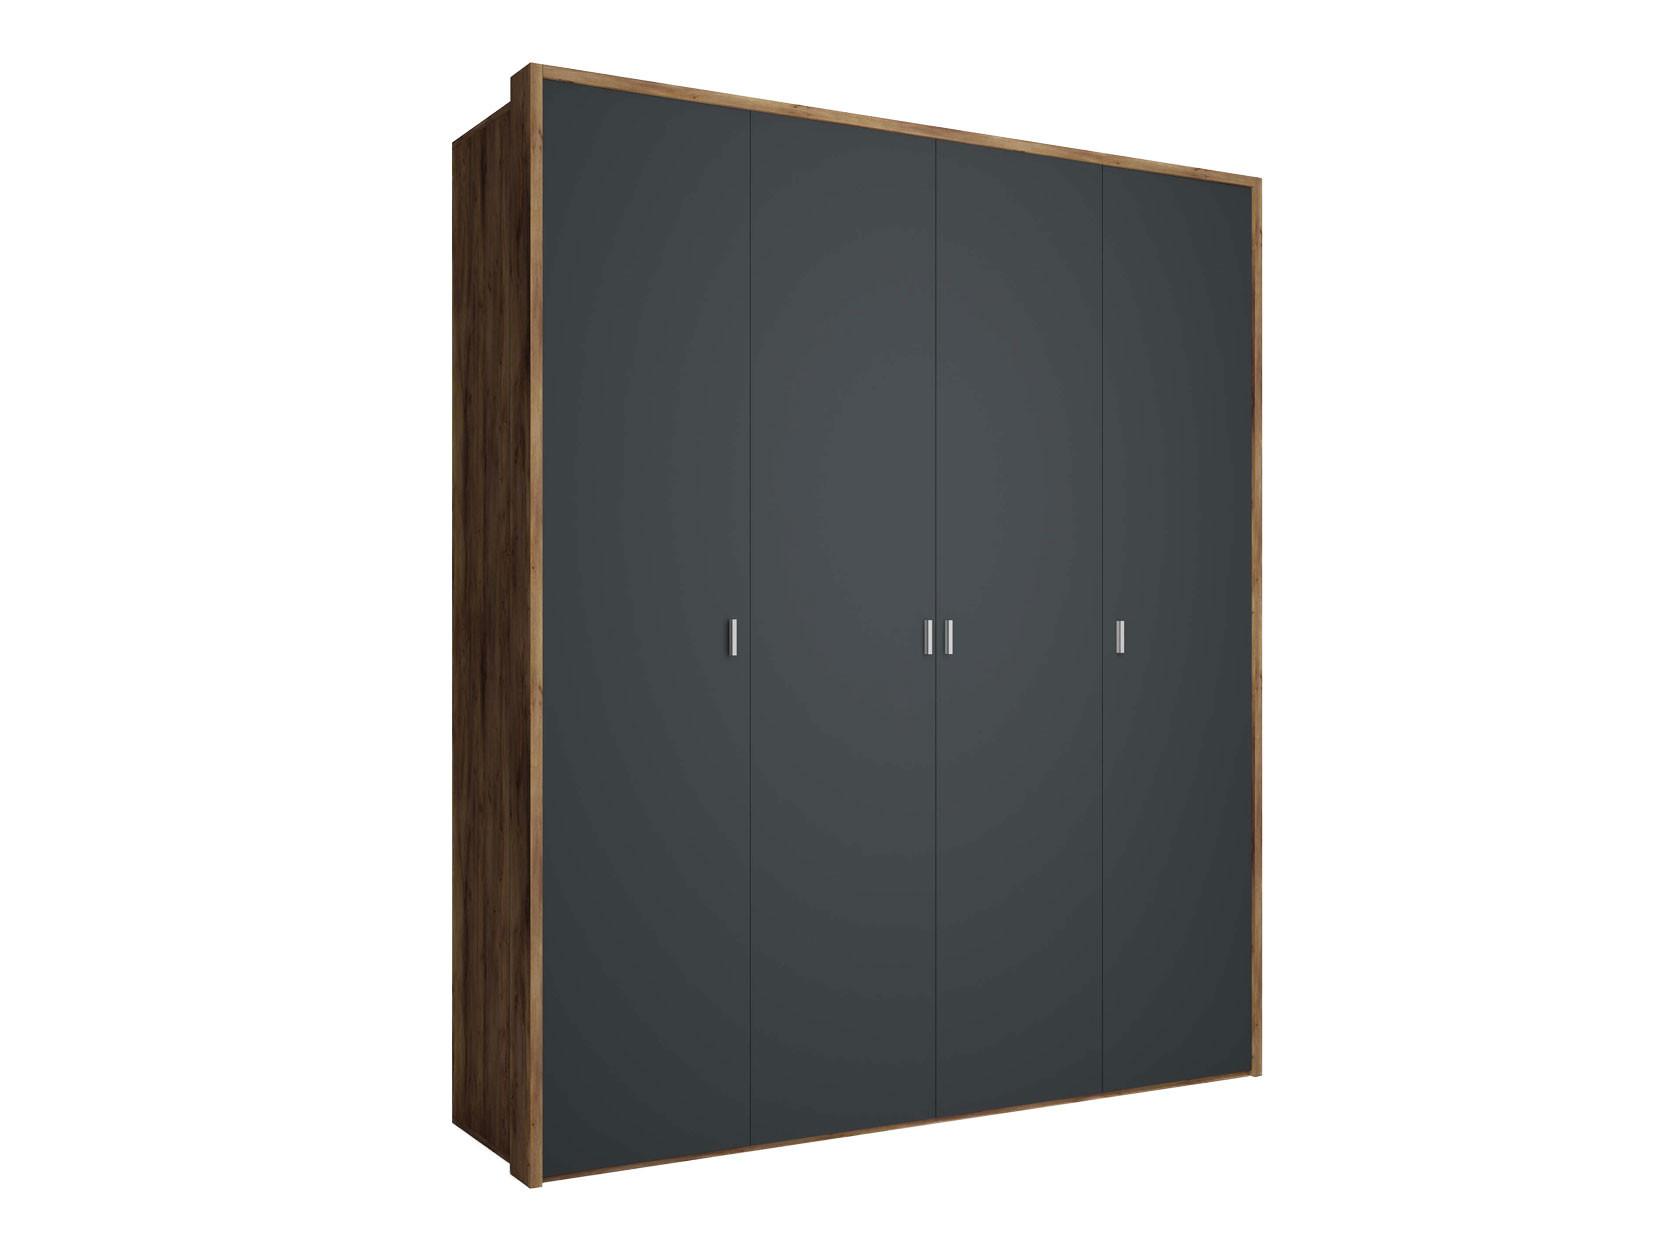 Распашной шкаф  4-х дверный Вега Бавария Антрацит, Без зеркала, С топом-накладкой КУРАЖ 104983